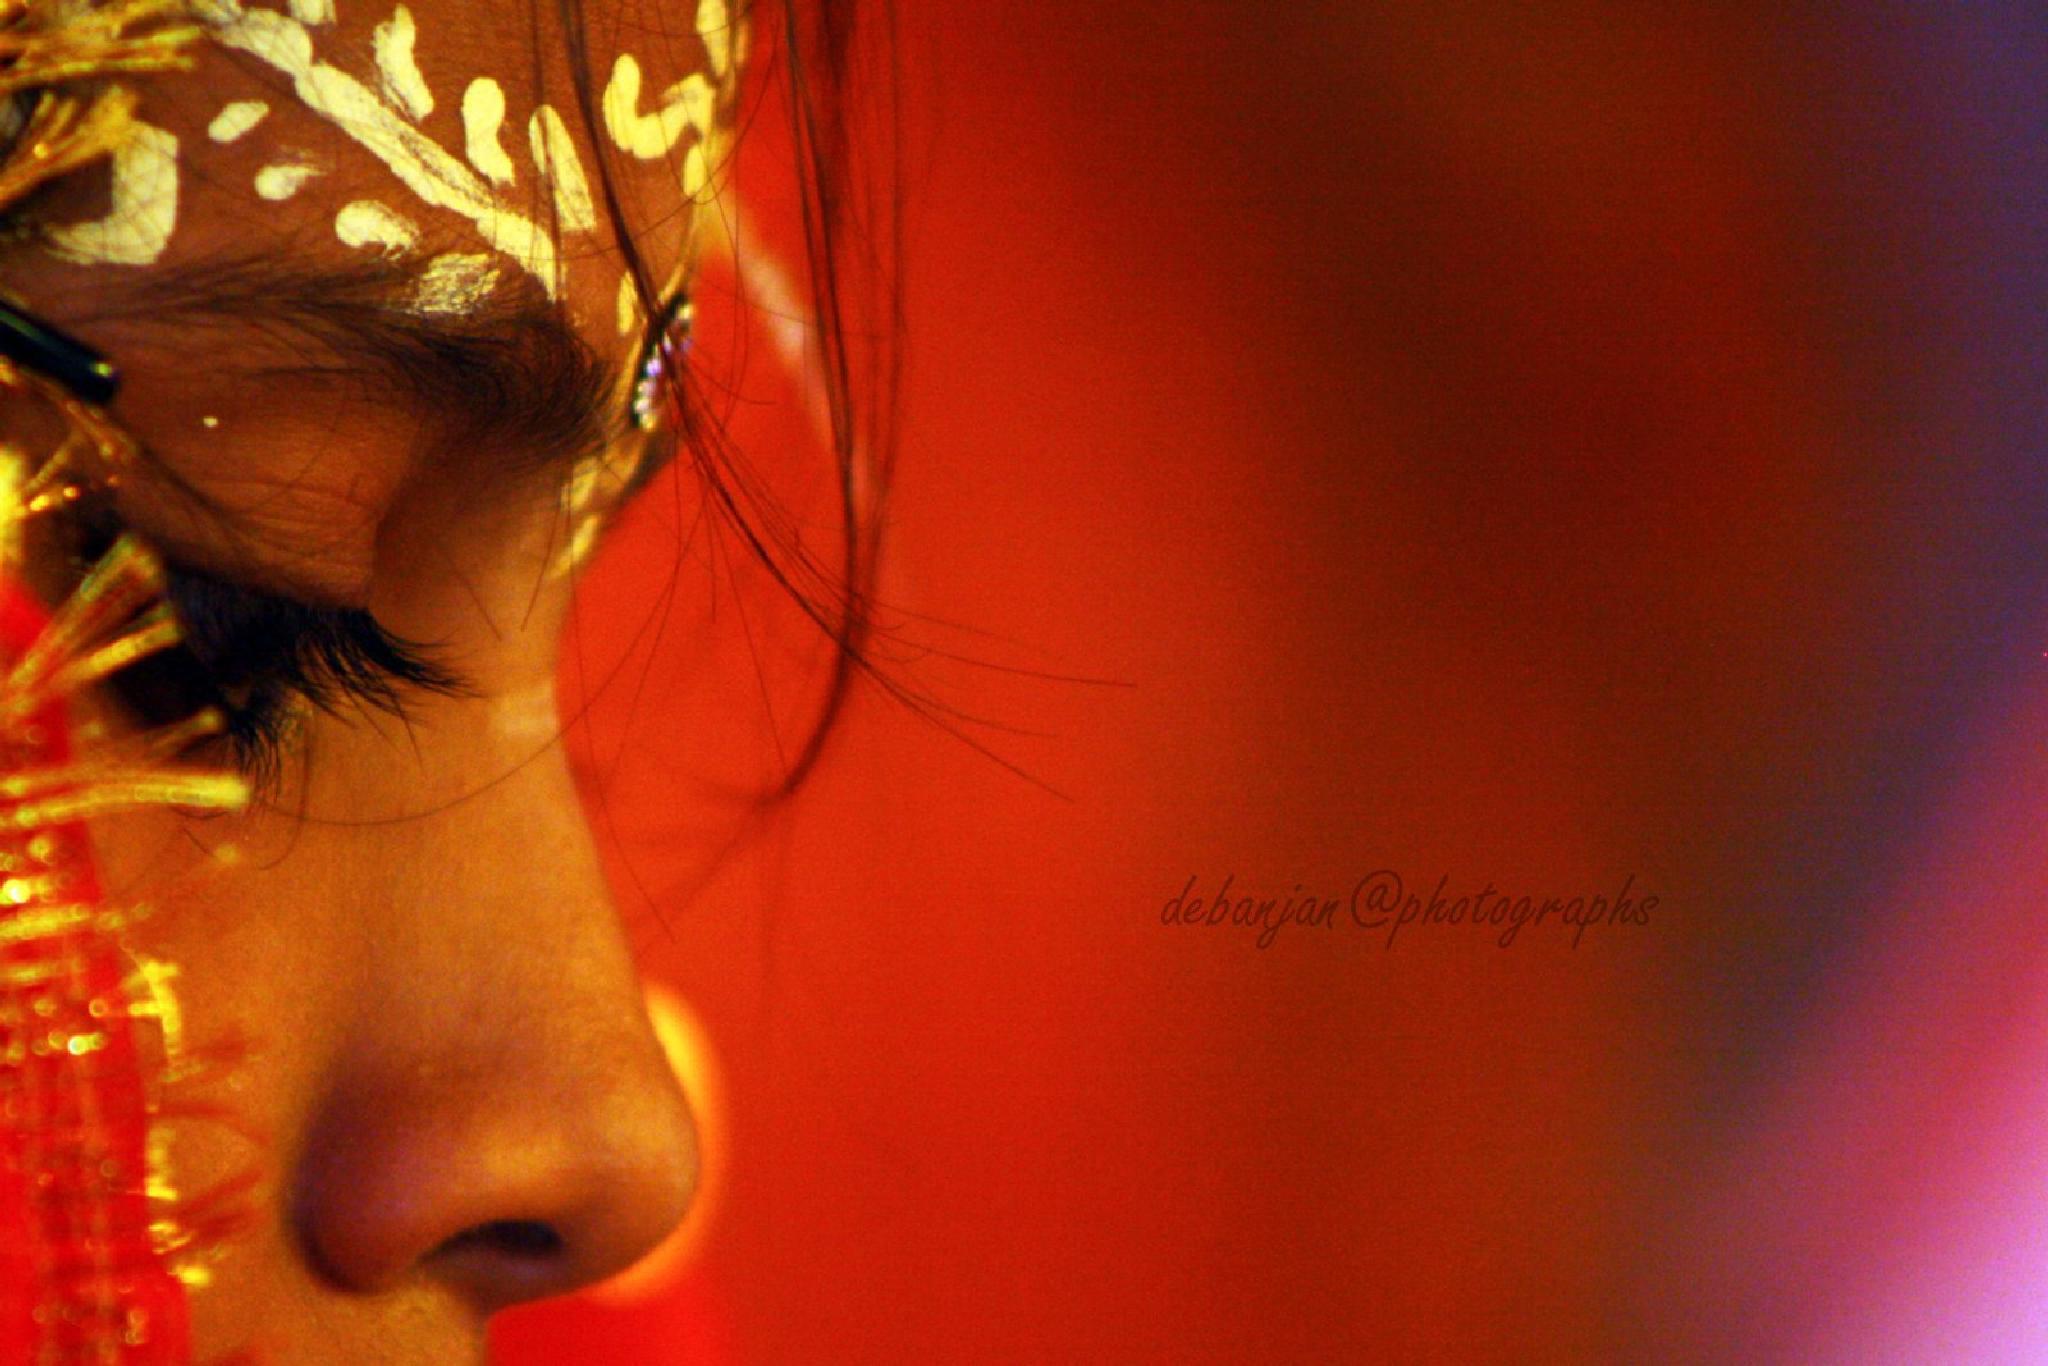 eyes_2 by Debanjan Mondal